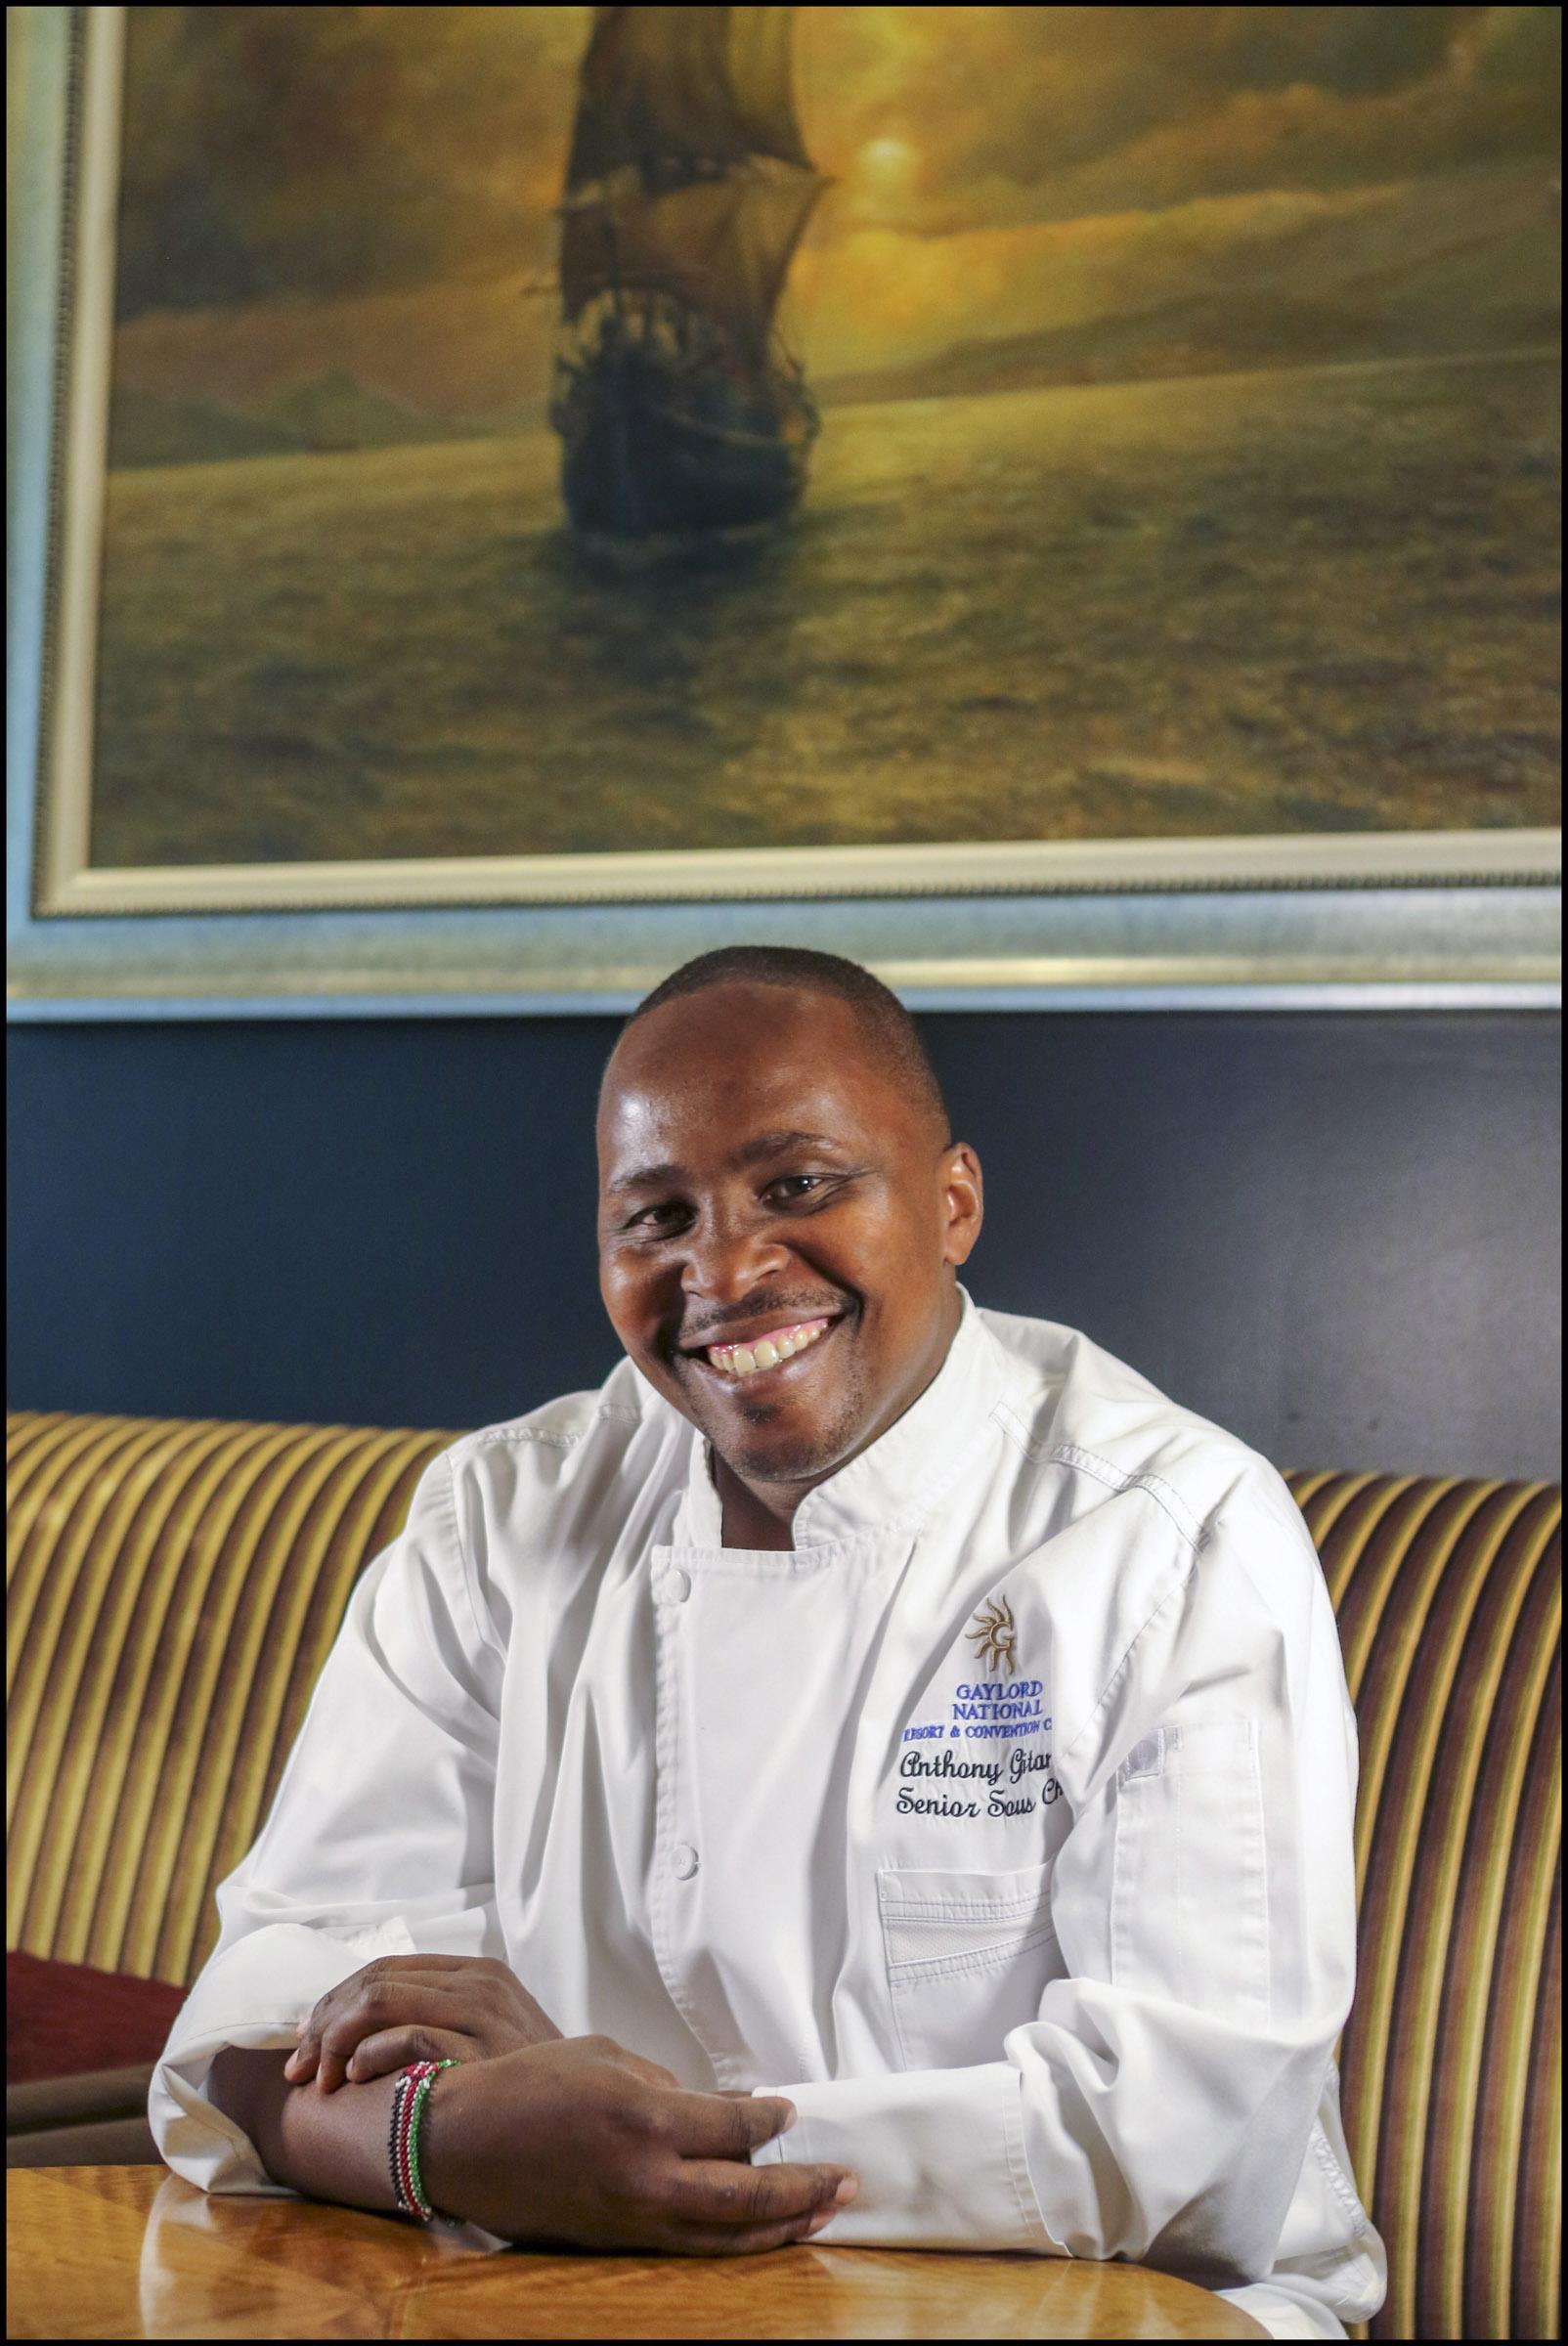 Chef Anthony Gitangu